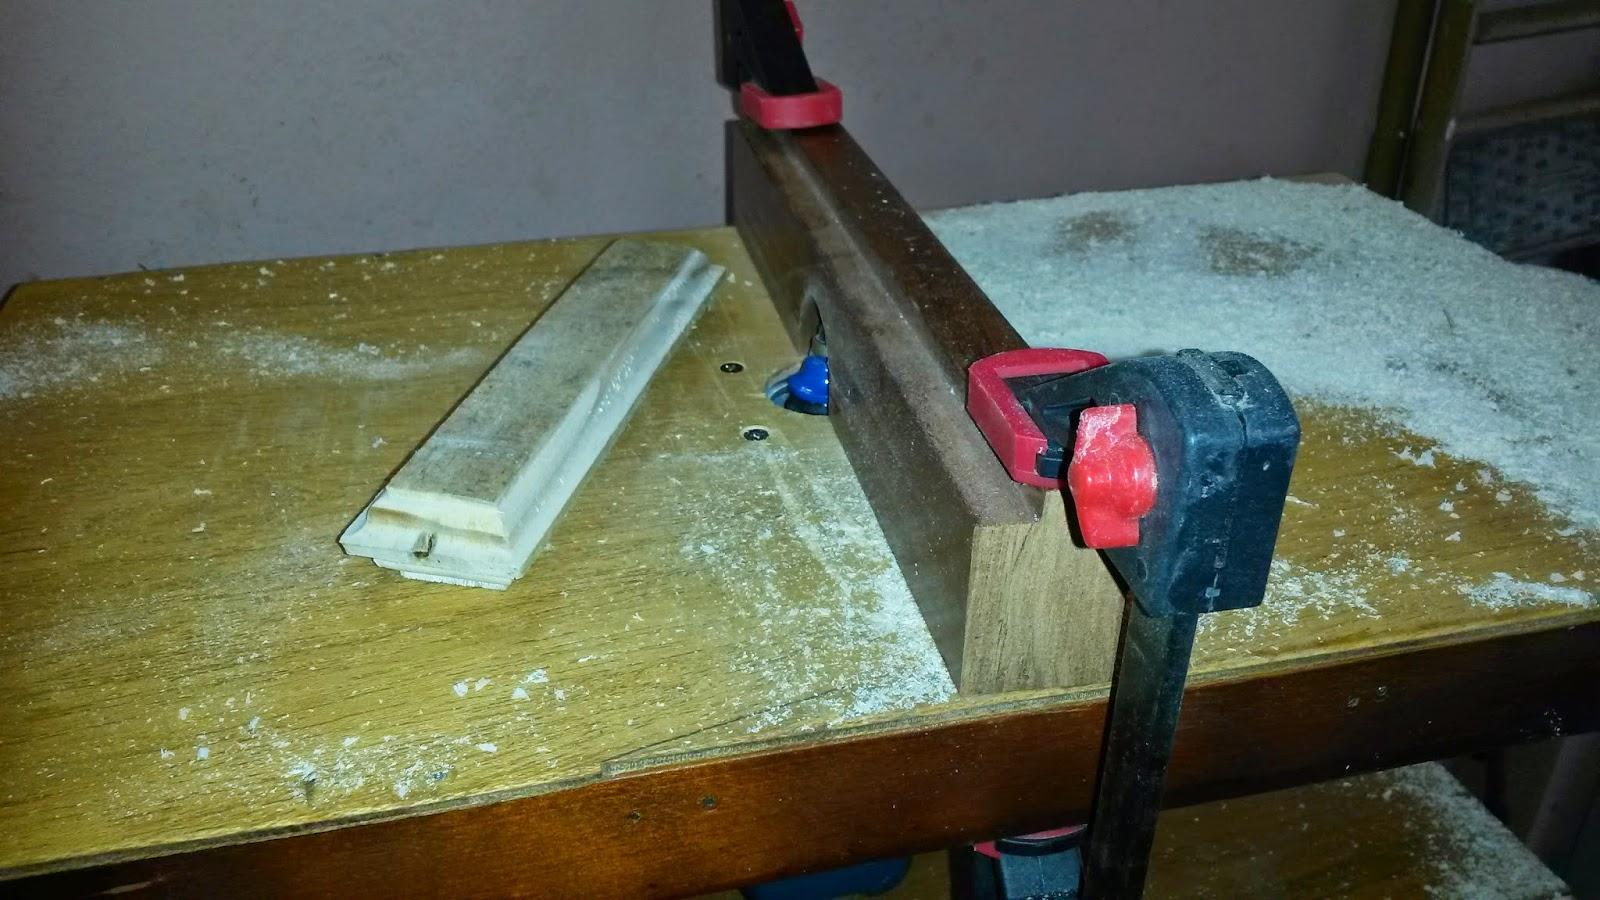 Oficina do Quintal: Como fazer uma bancada para tupia Parte II #633D14 1600x900